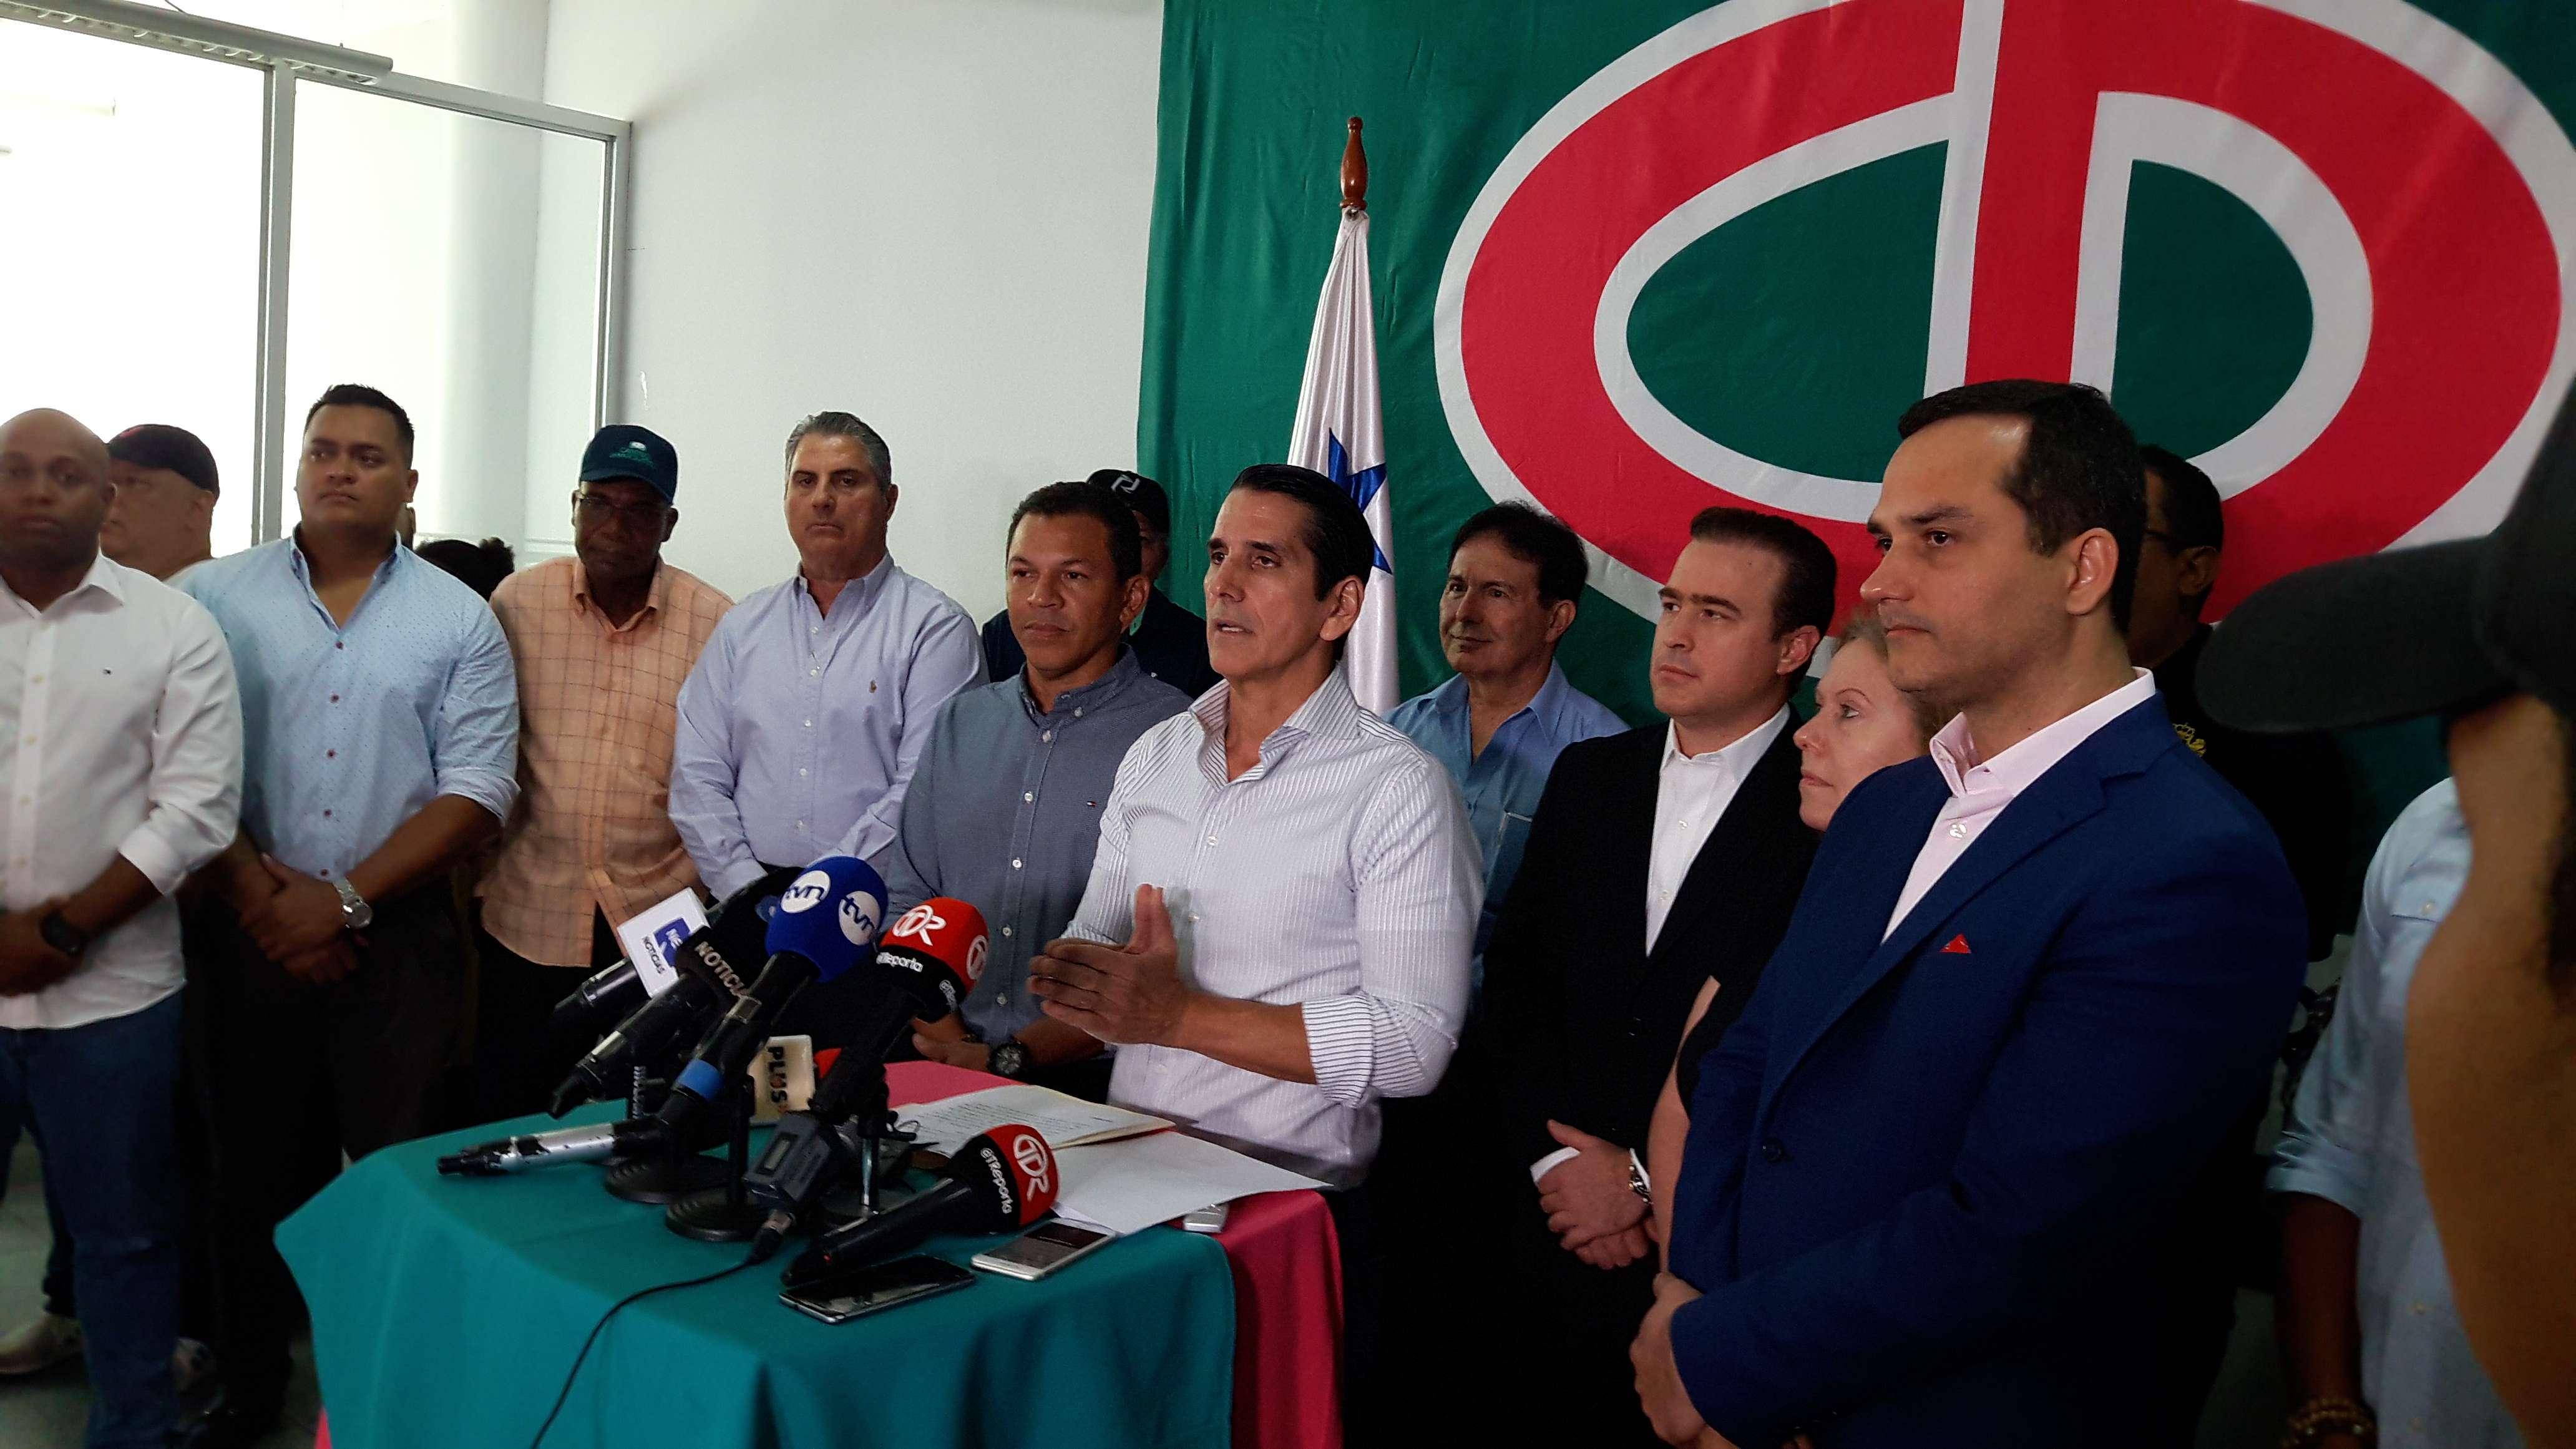 Rómulo Roux, integrante del Cambio Democrático, aceptó los resultados extraoficiales del Tribunal Electoral. Foto: Jean Carlos Díaz